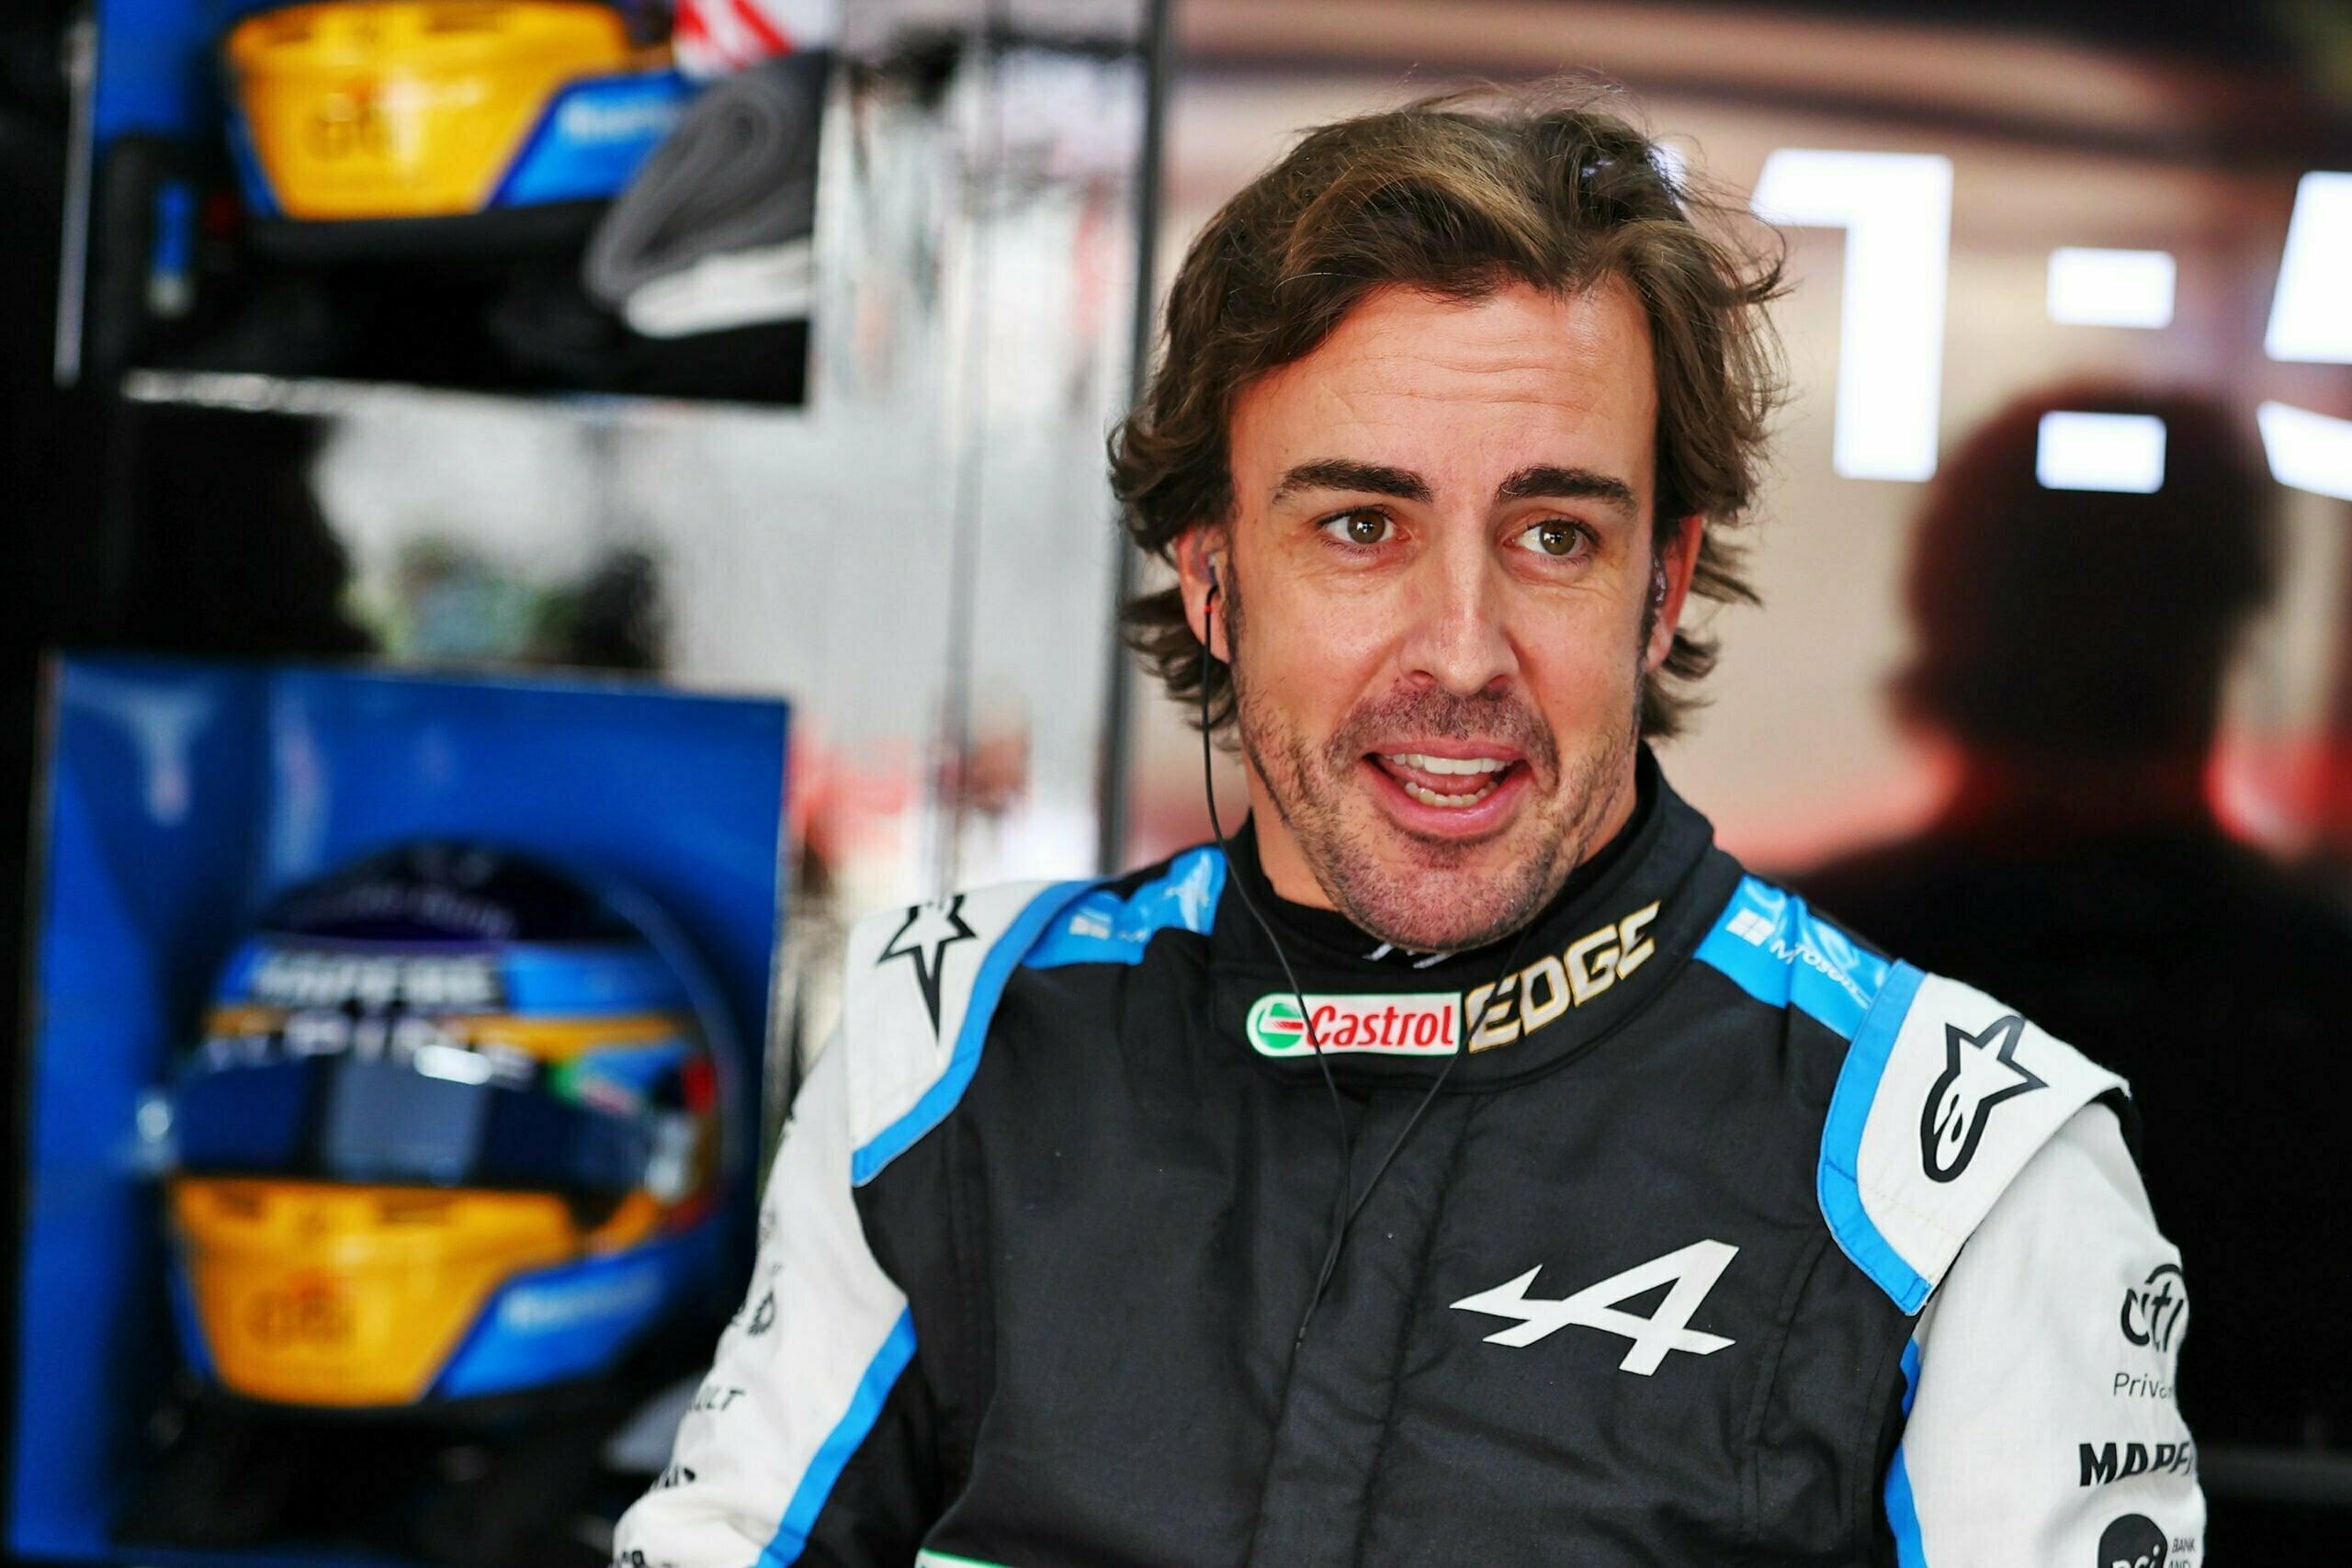 Alpine F1 Team A521 Alonso Ocon Castellet GP FRance 2021 5 scaled   Alpine F1 : Alonso entre en Q3, Ocon bloque en Q2 au Grand-Prix de France